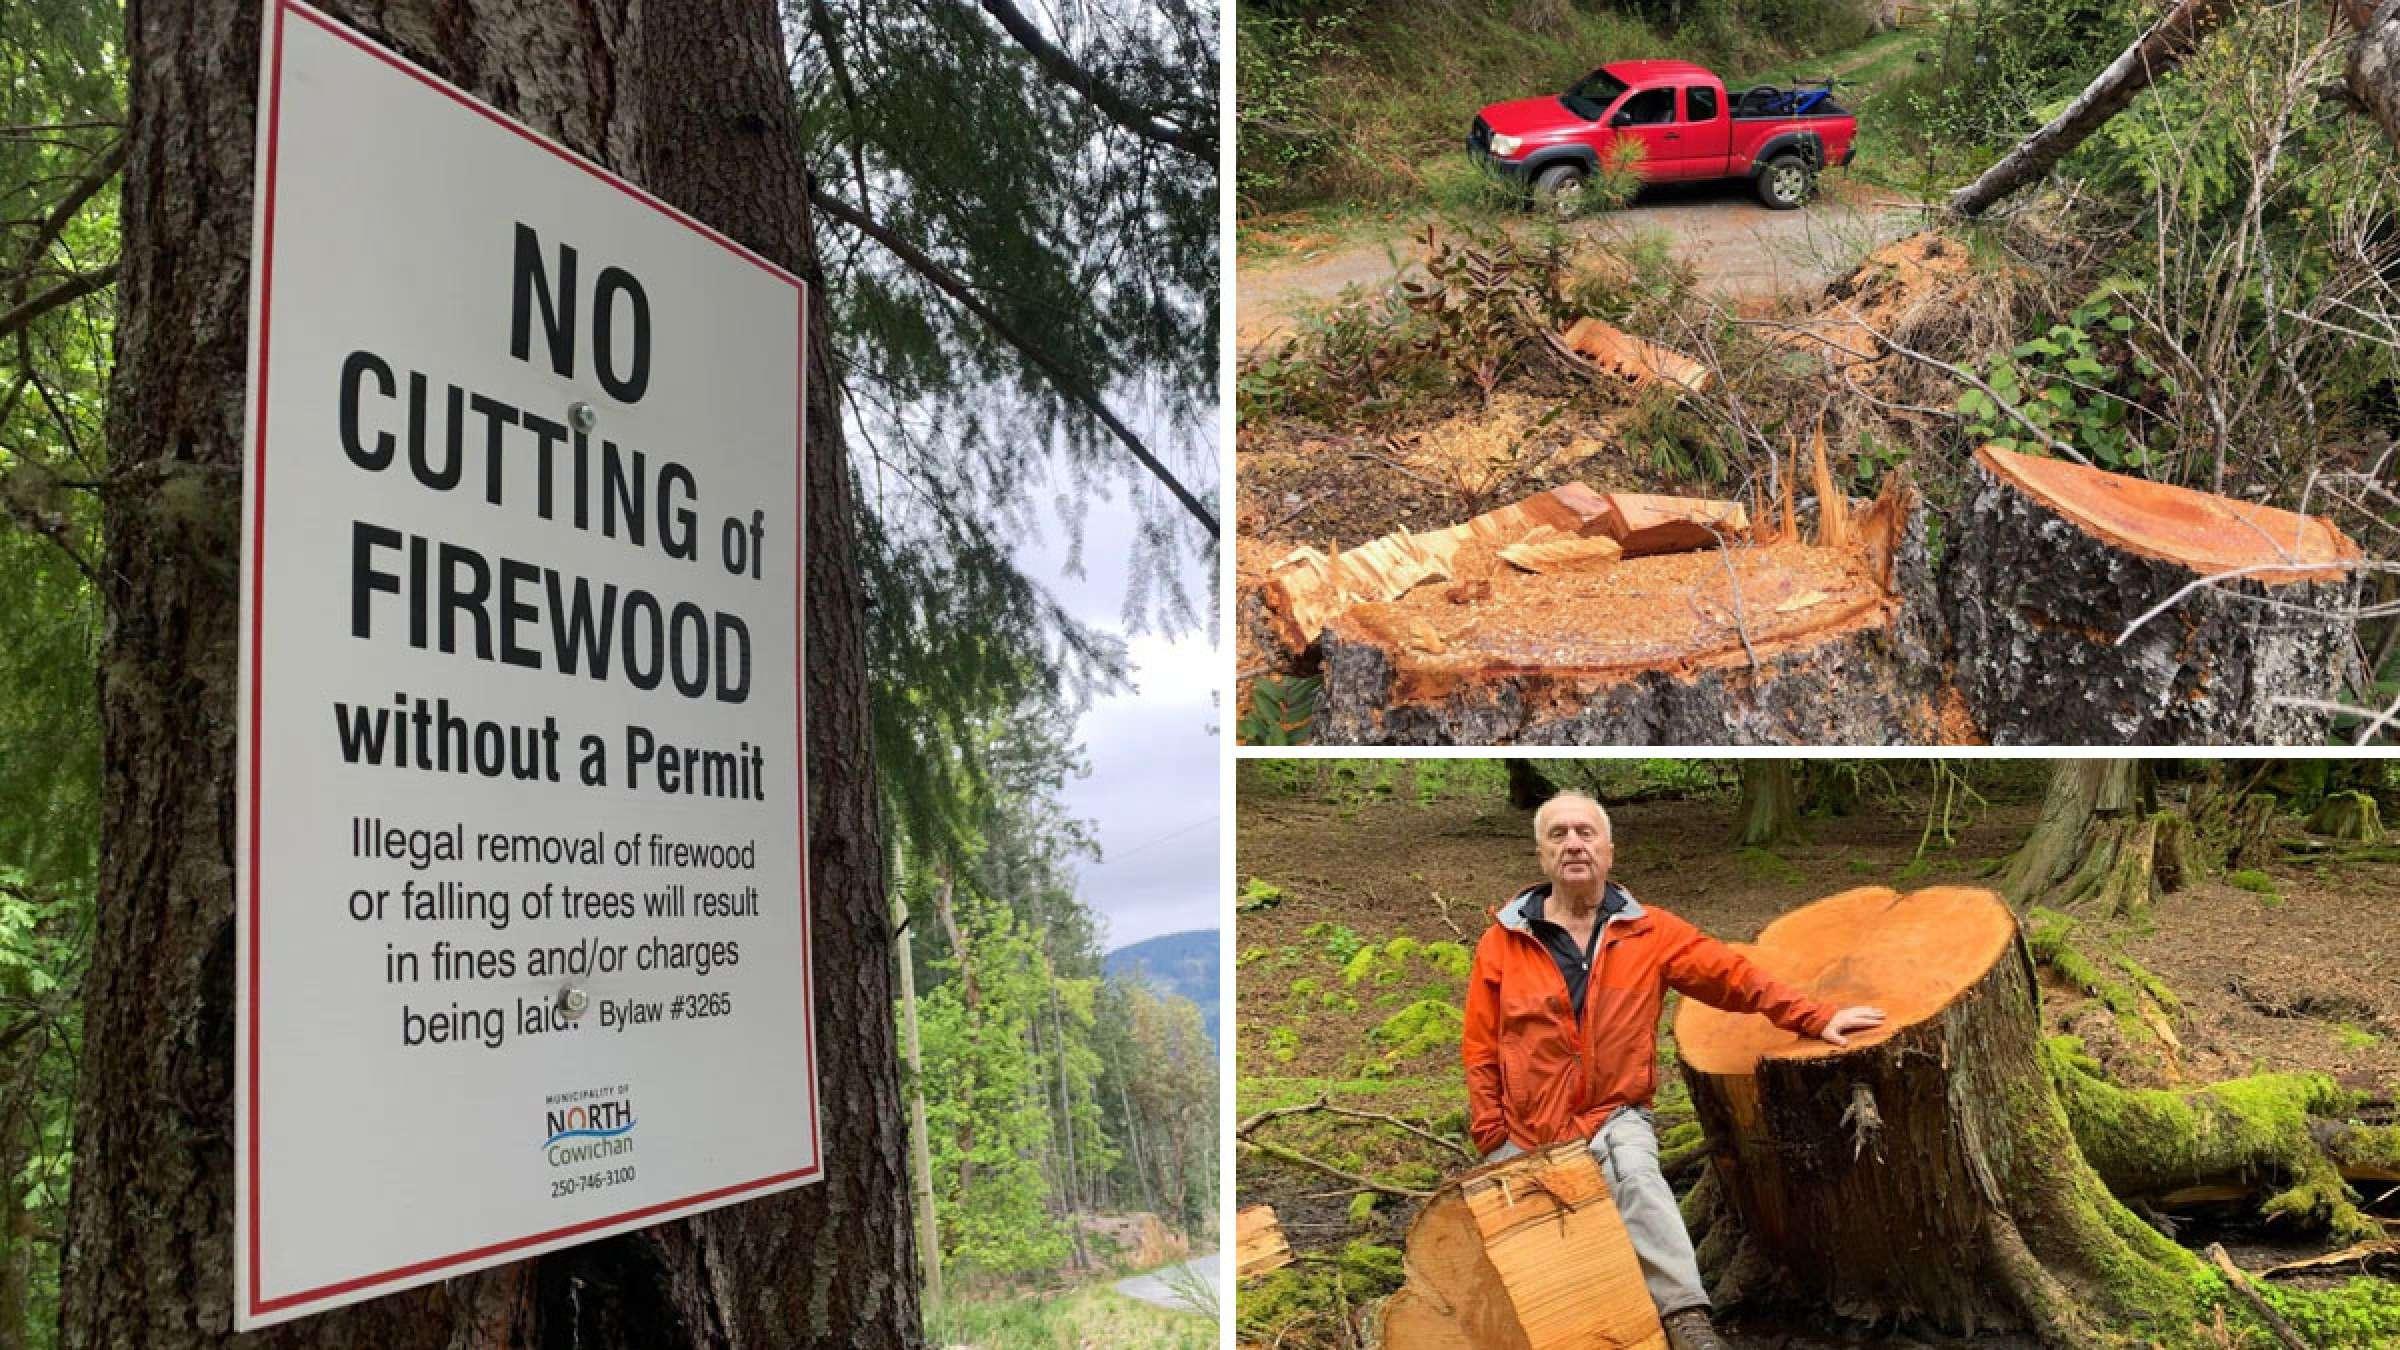 اخبار-محیط-زیست-آغاز-درخت-خواری-و-جنگل-دزدی-در-بریتیش-کلمبیا